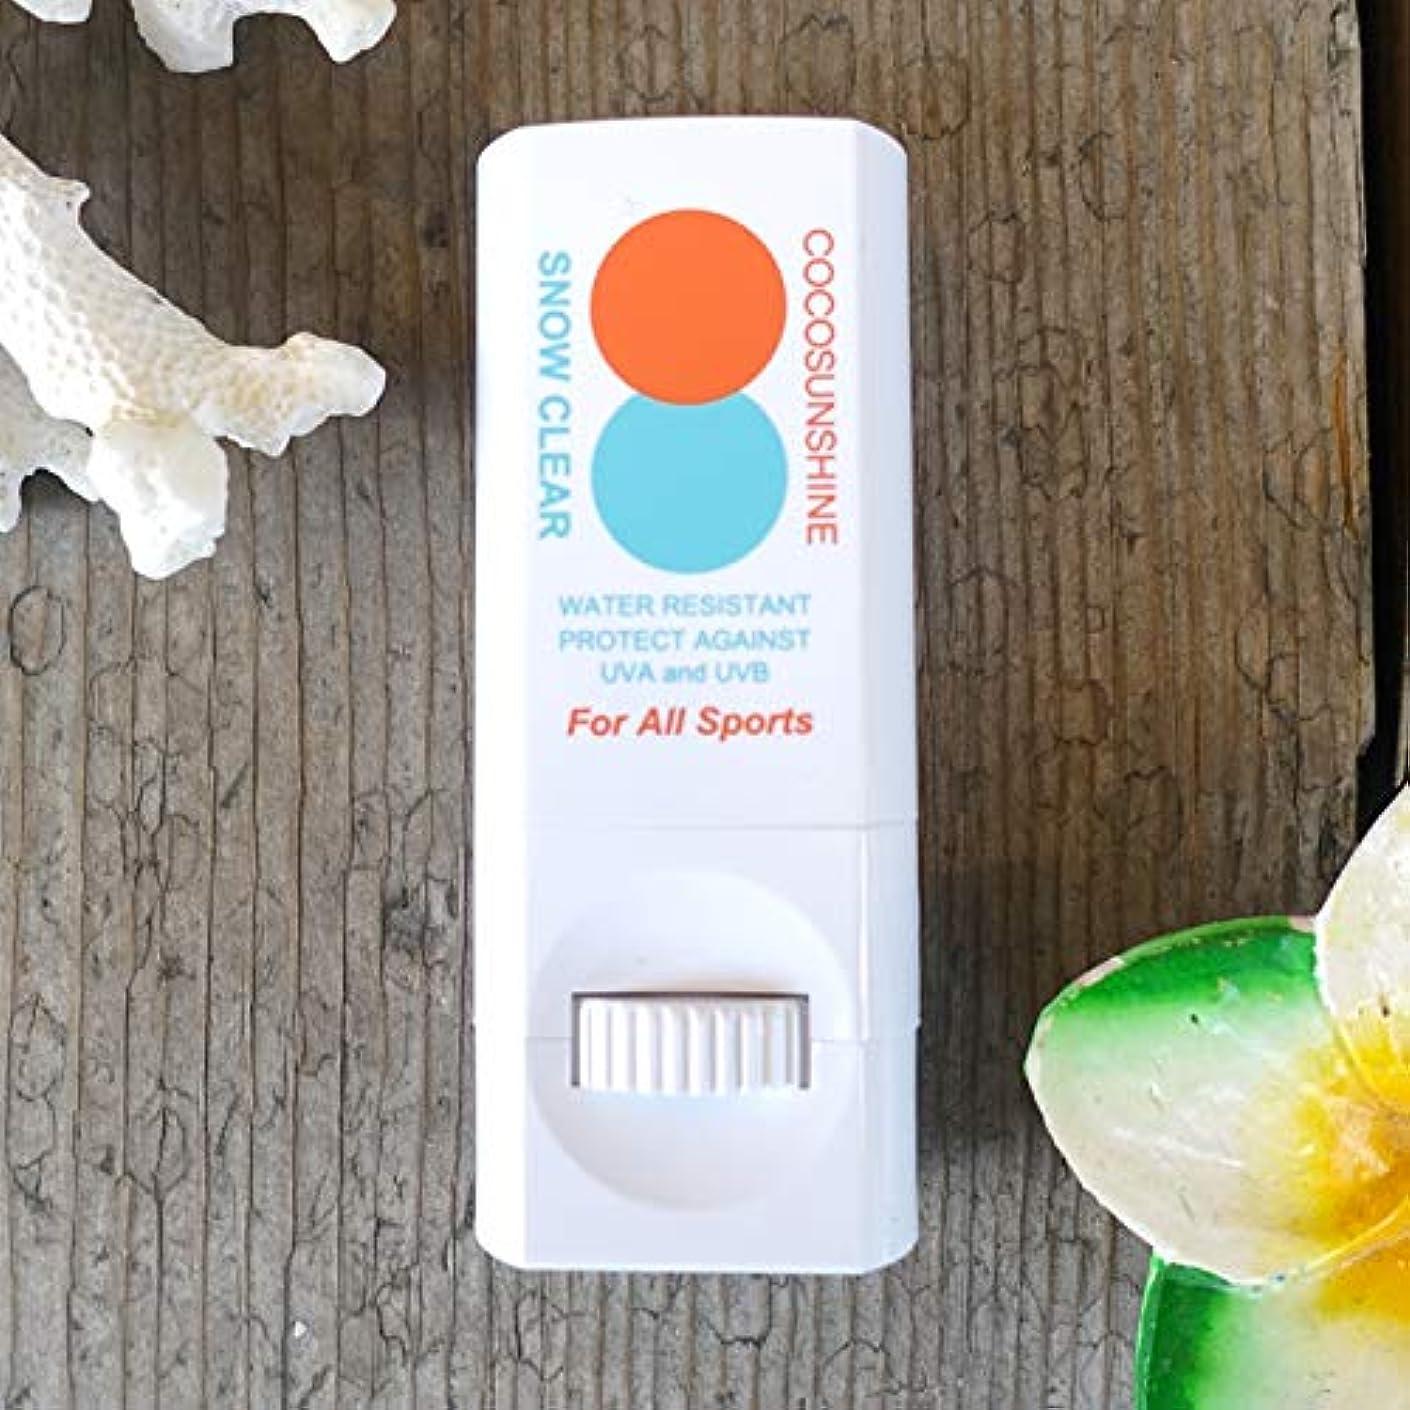 勘違いするひも幻想Snipe Sports Cosmetic(スナイプ スポーツ コスメティック) COCO SUNSHINE ココサンシャイン 固形 日焼け止め スティック 練り出しタイプ UVプロテクト SPF30 PA++ スノークリア